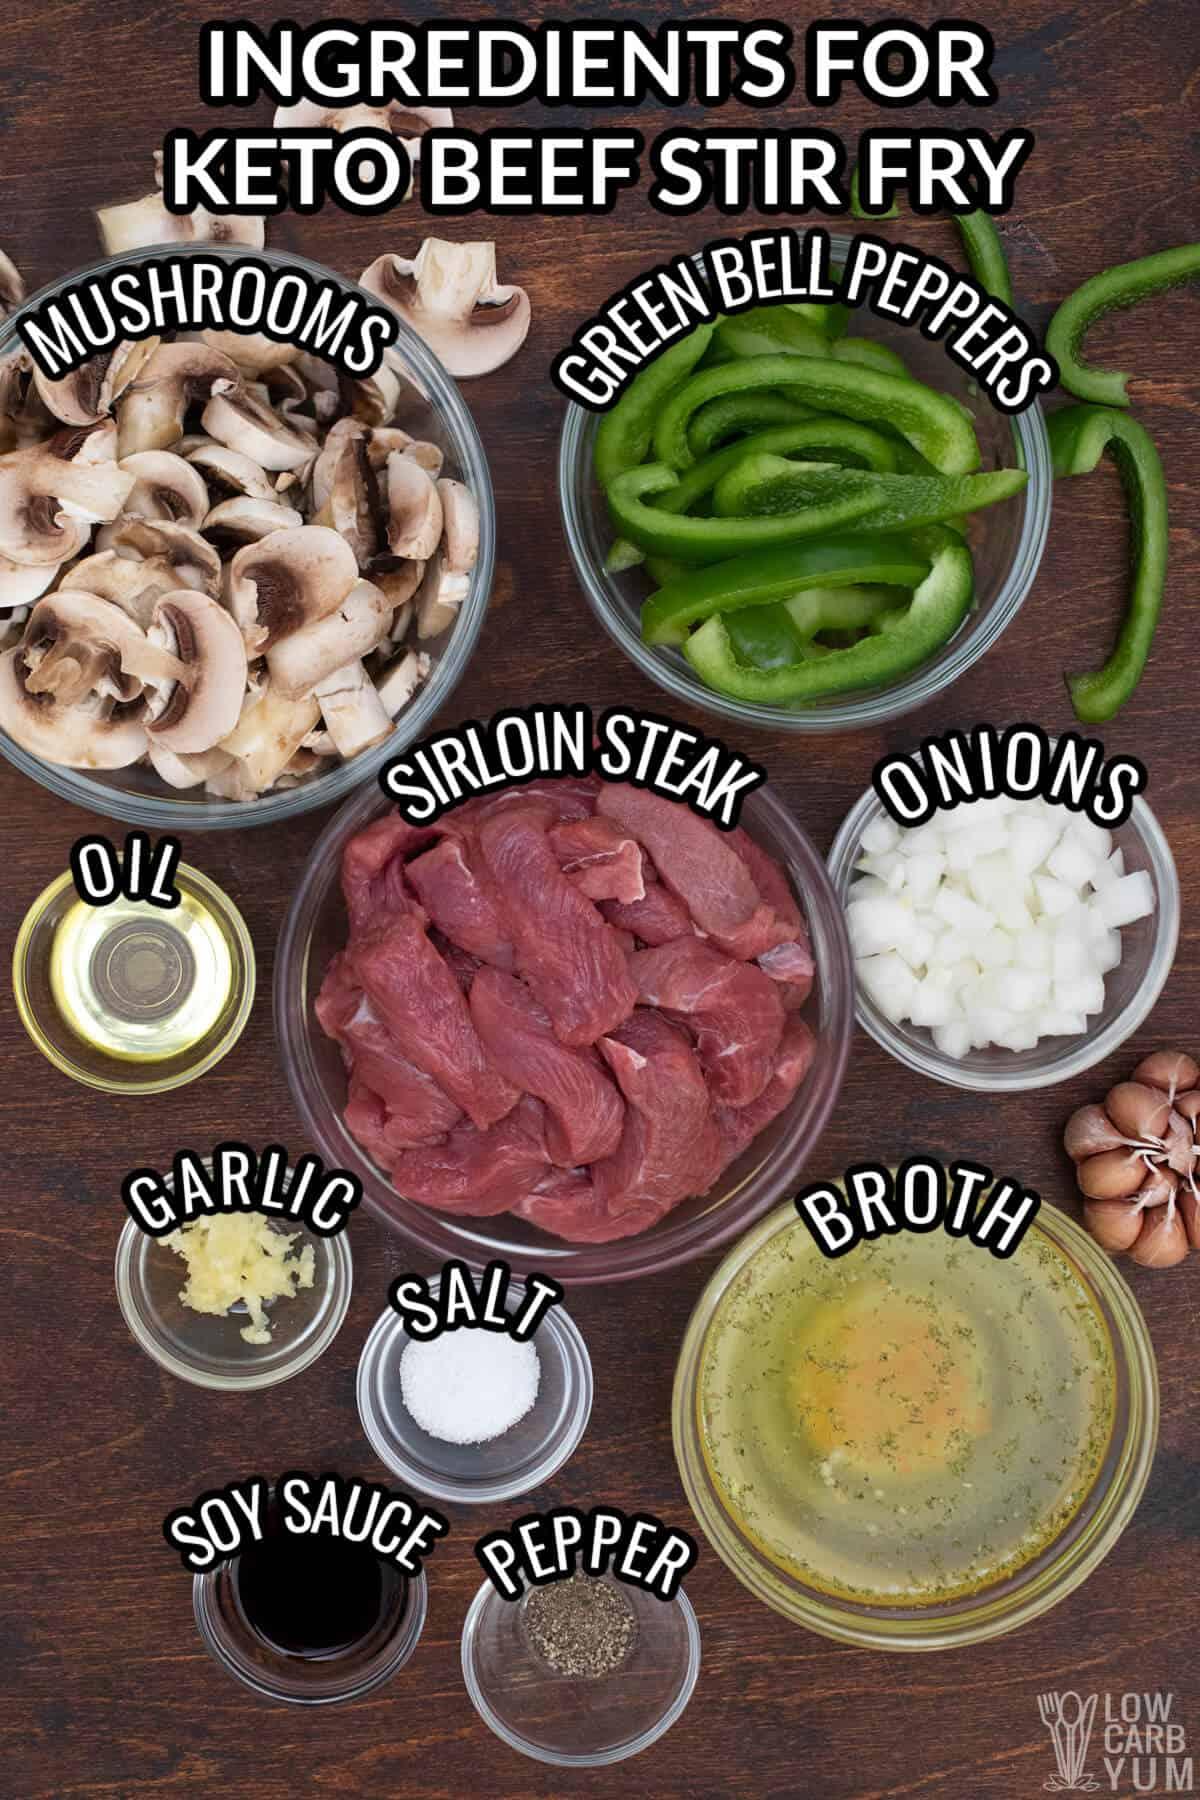 low carb beef stir fry ingredients